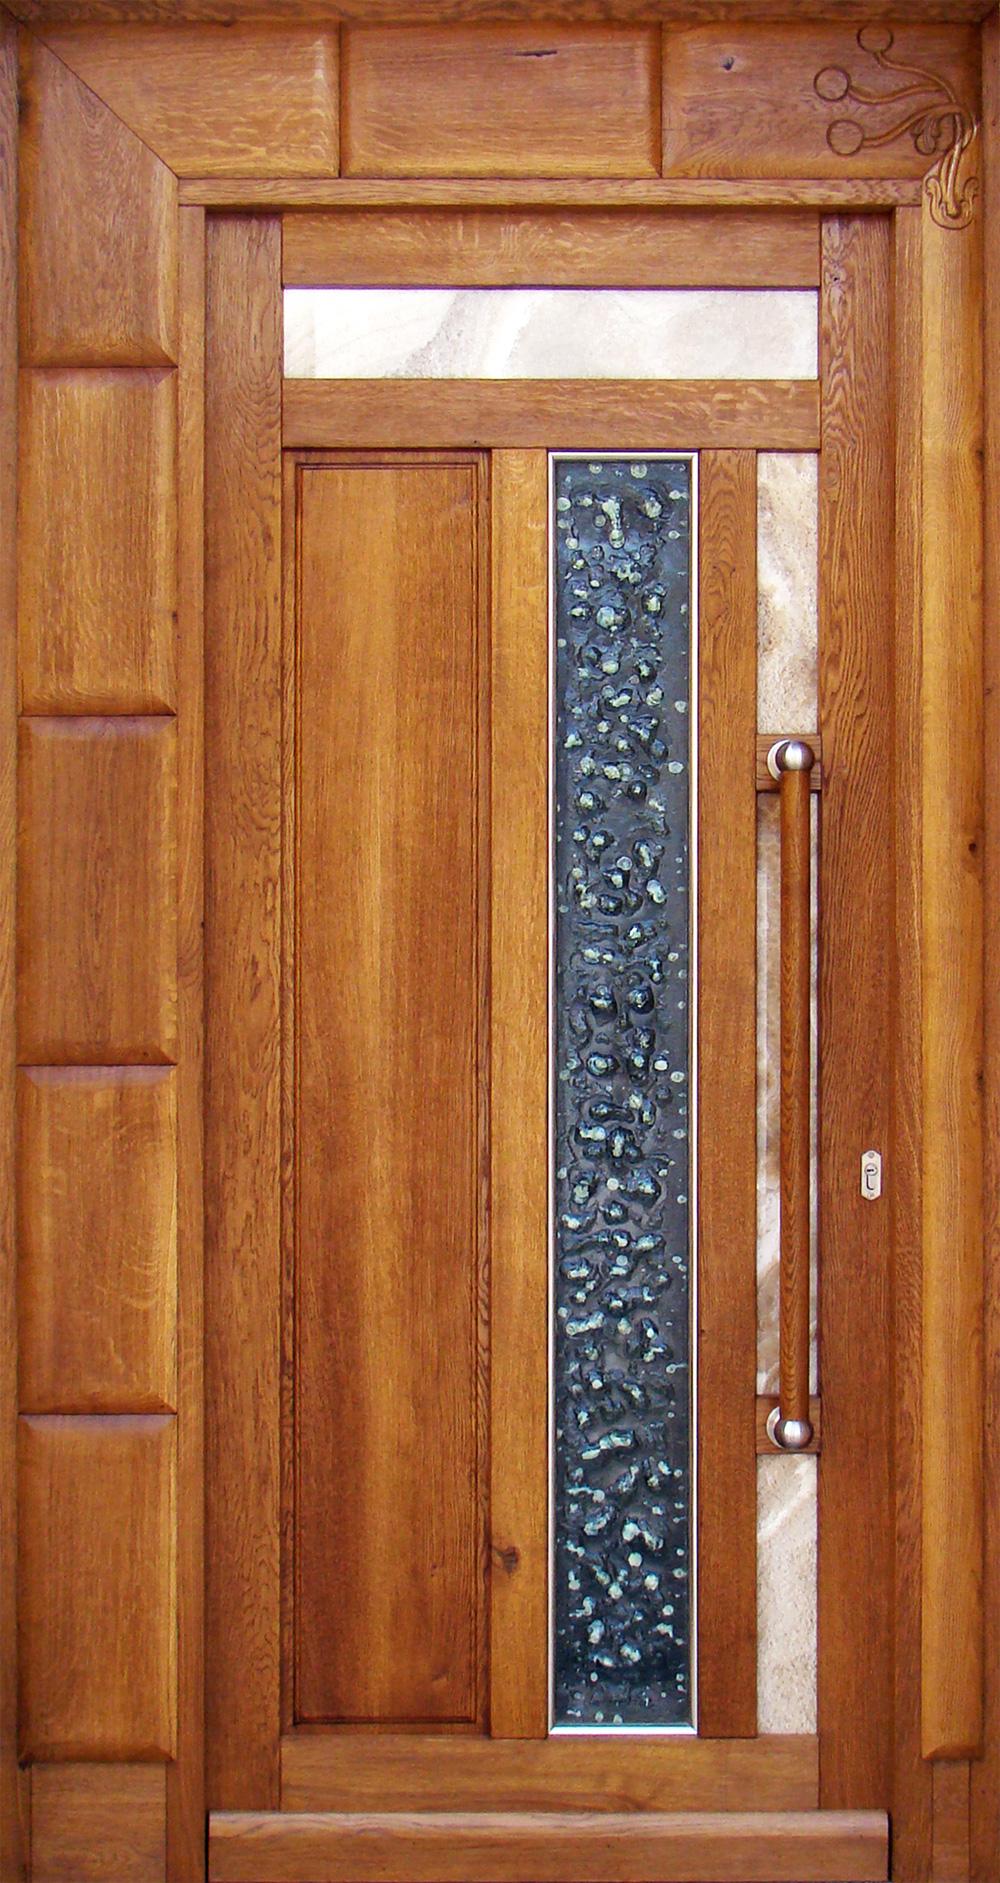 Puertas en valera de abajo ventana europea with puertas en valera de abajo beautiful maquina - Puertas en valera de abajo ...